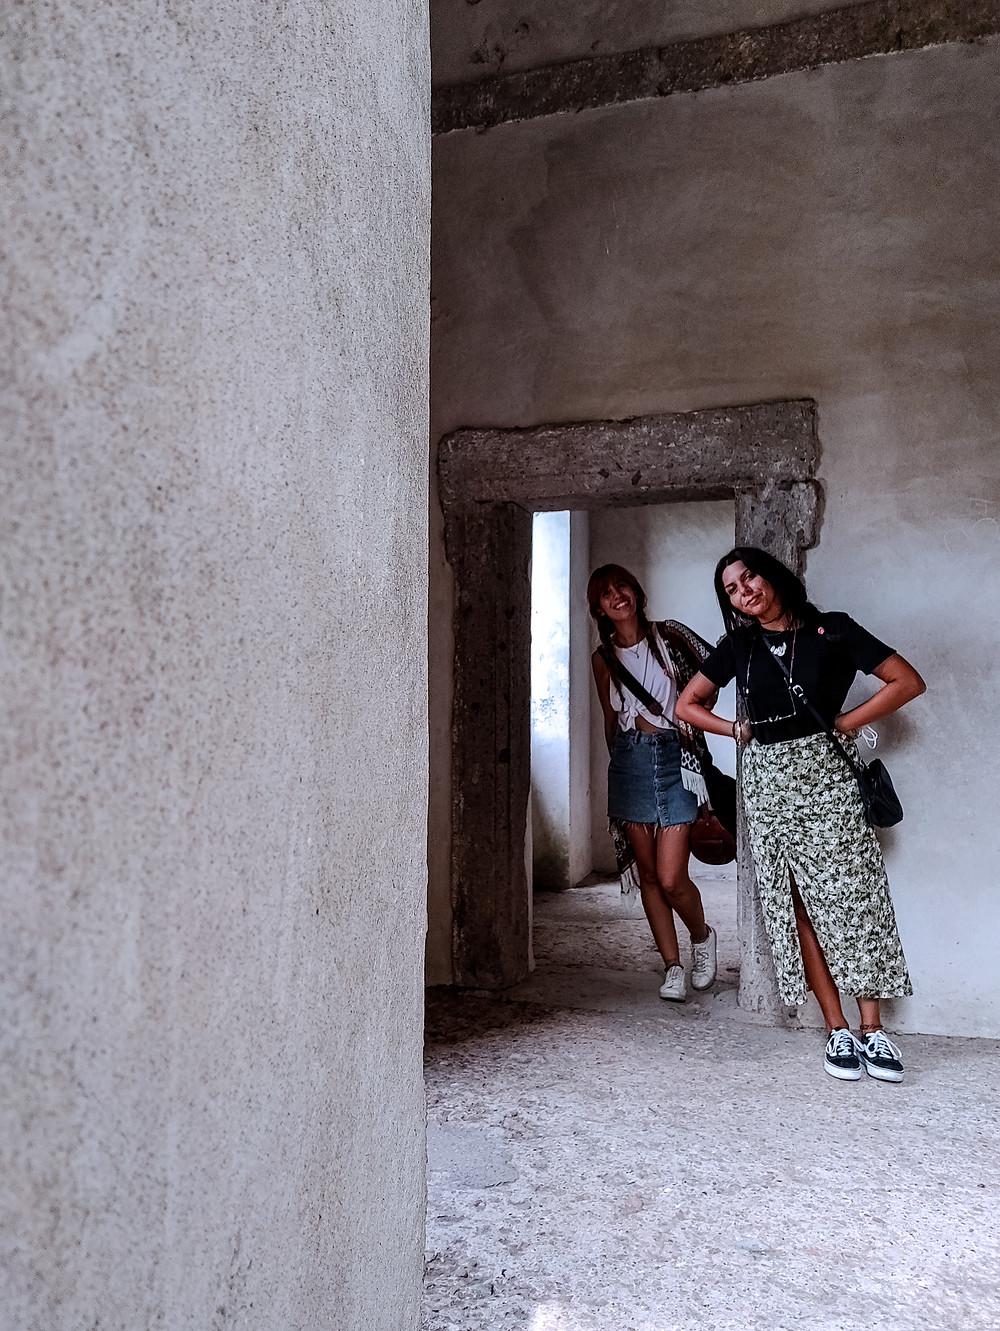 Autoscatto dentro la Casa Pendente al Sacro Bosco, dimostrazione di come l'edificio sia storto.